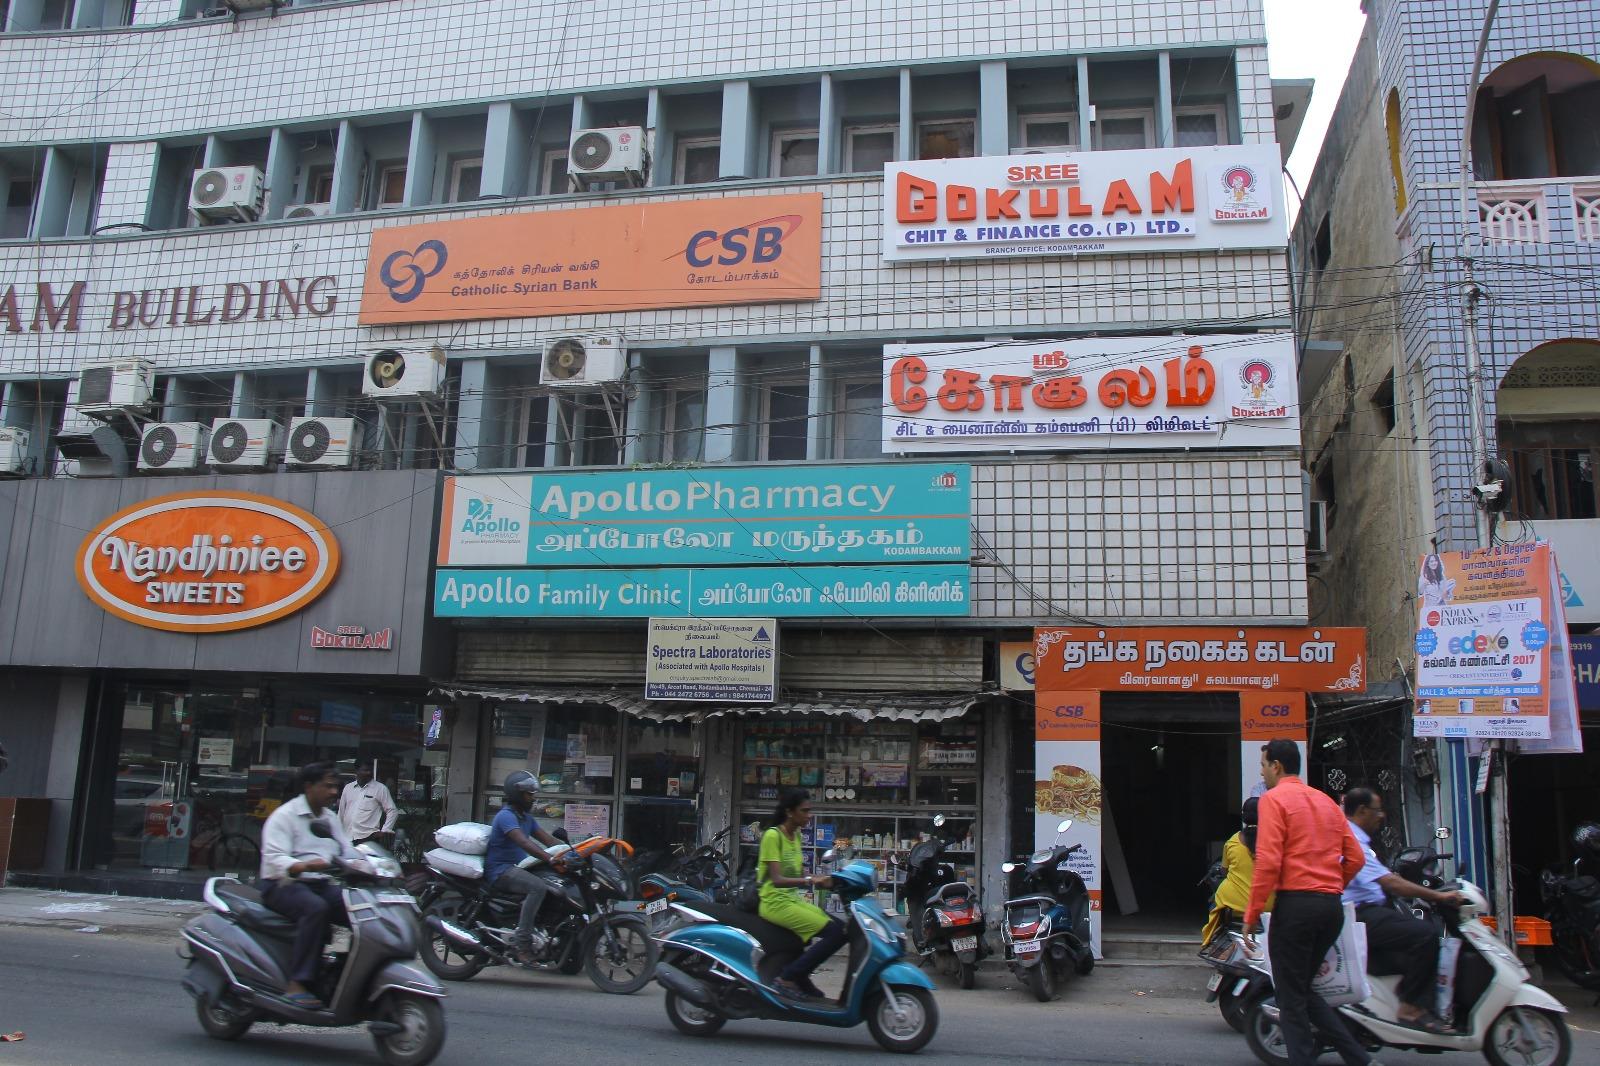 gokulam chit funds